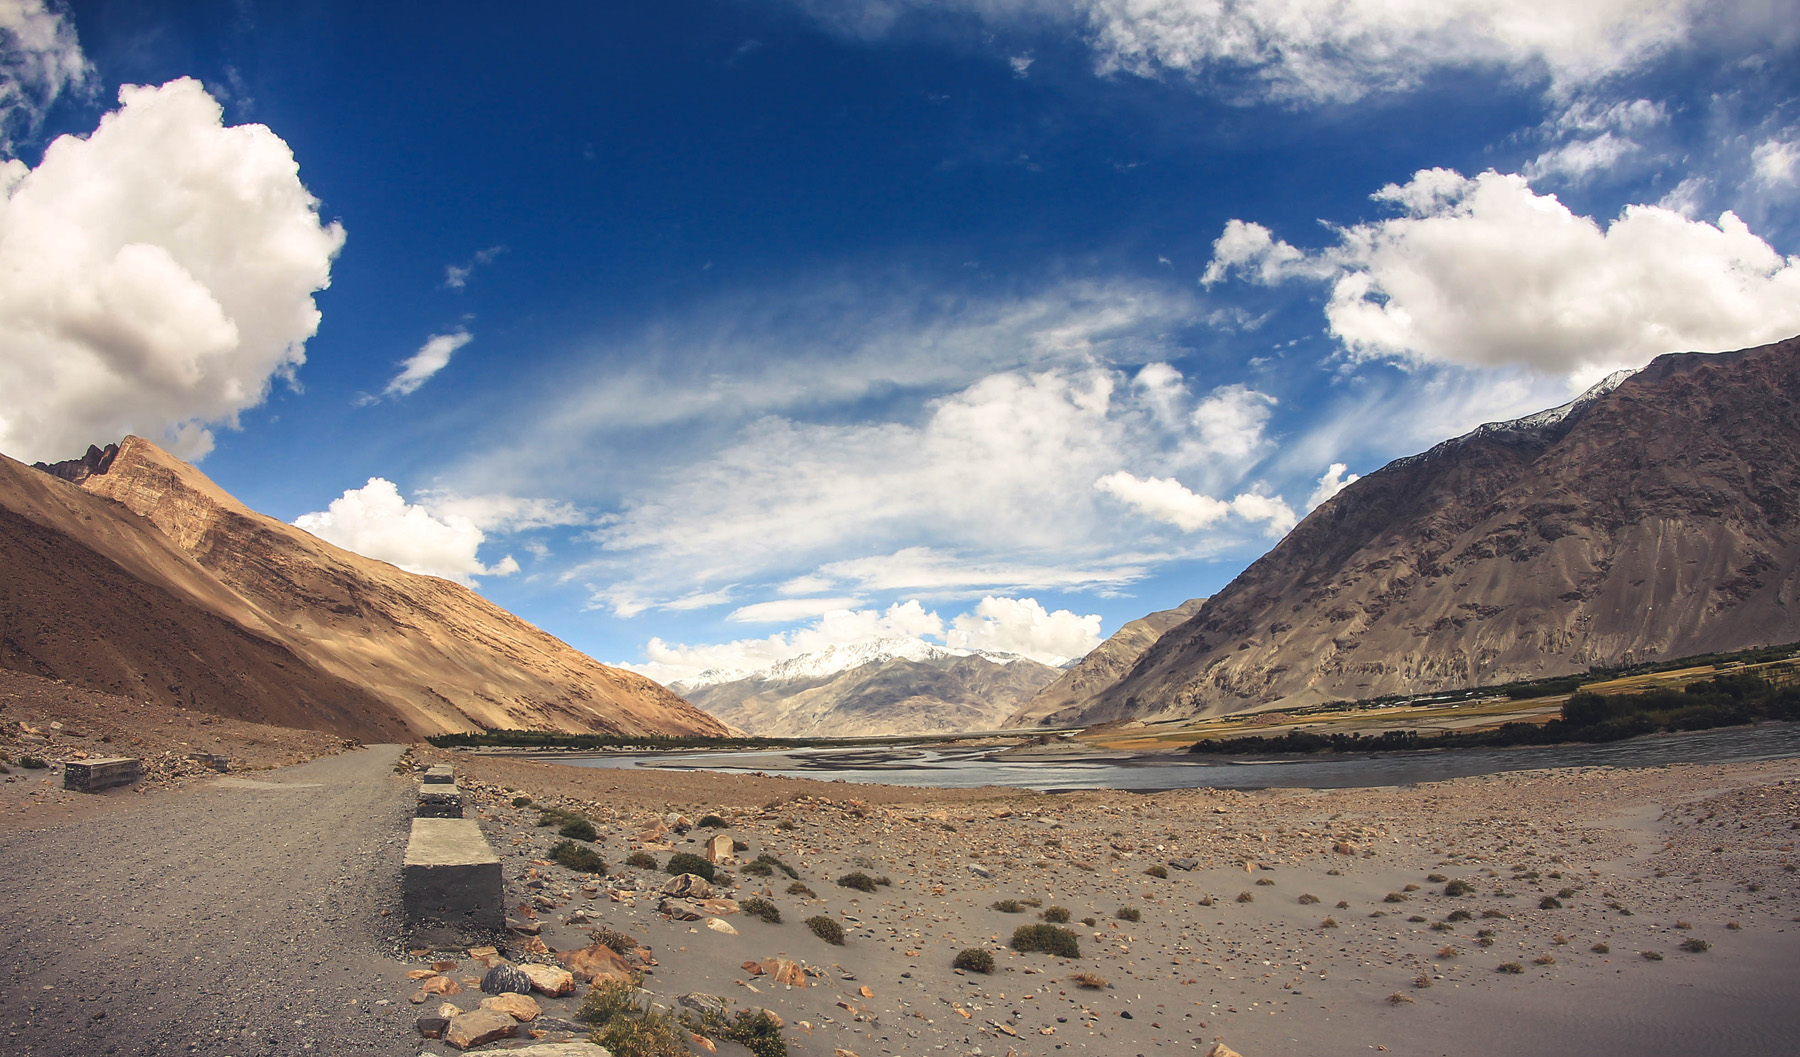 Wkrótce więcej zdjęć z Tadżykistanu i Pamiru. Zrozumiecie, czemu wszyscy tak bardzo chcą się tam dostać!